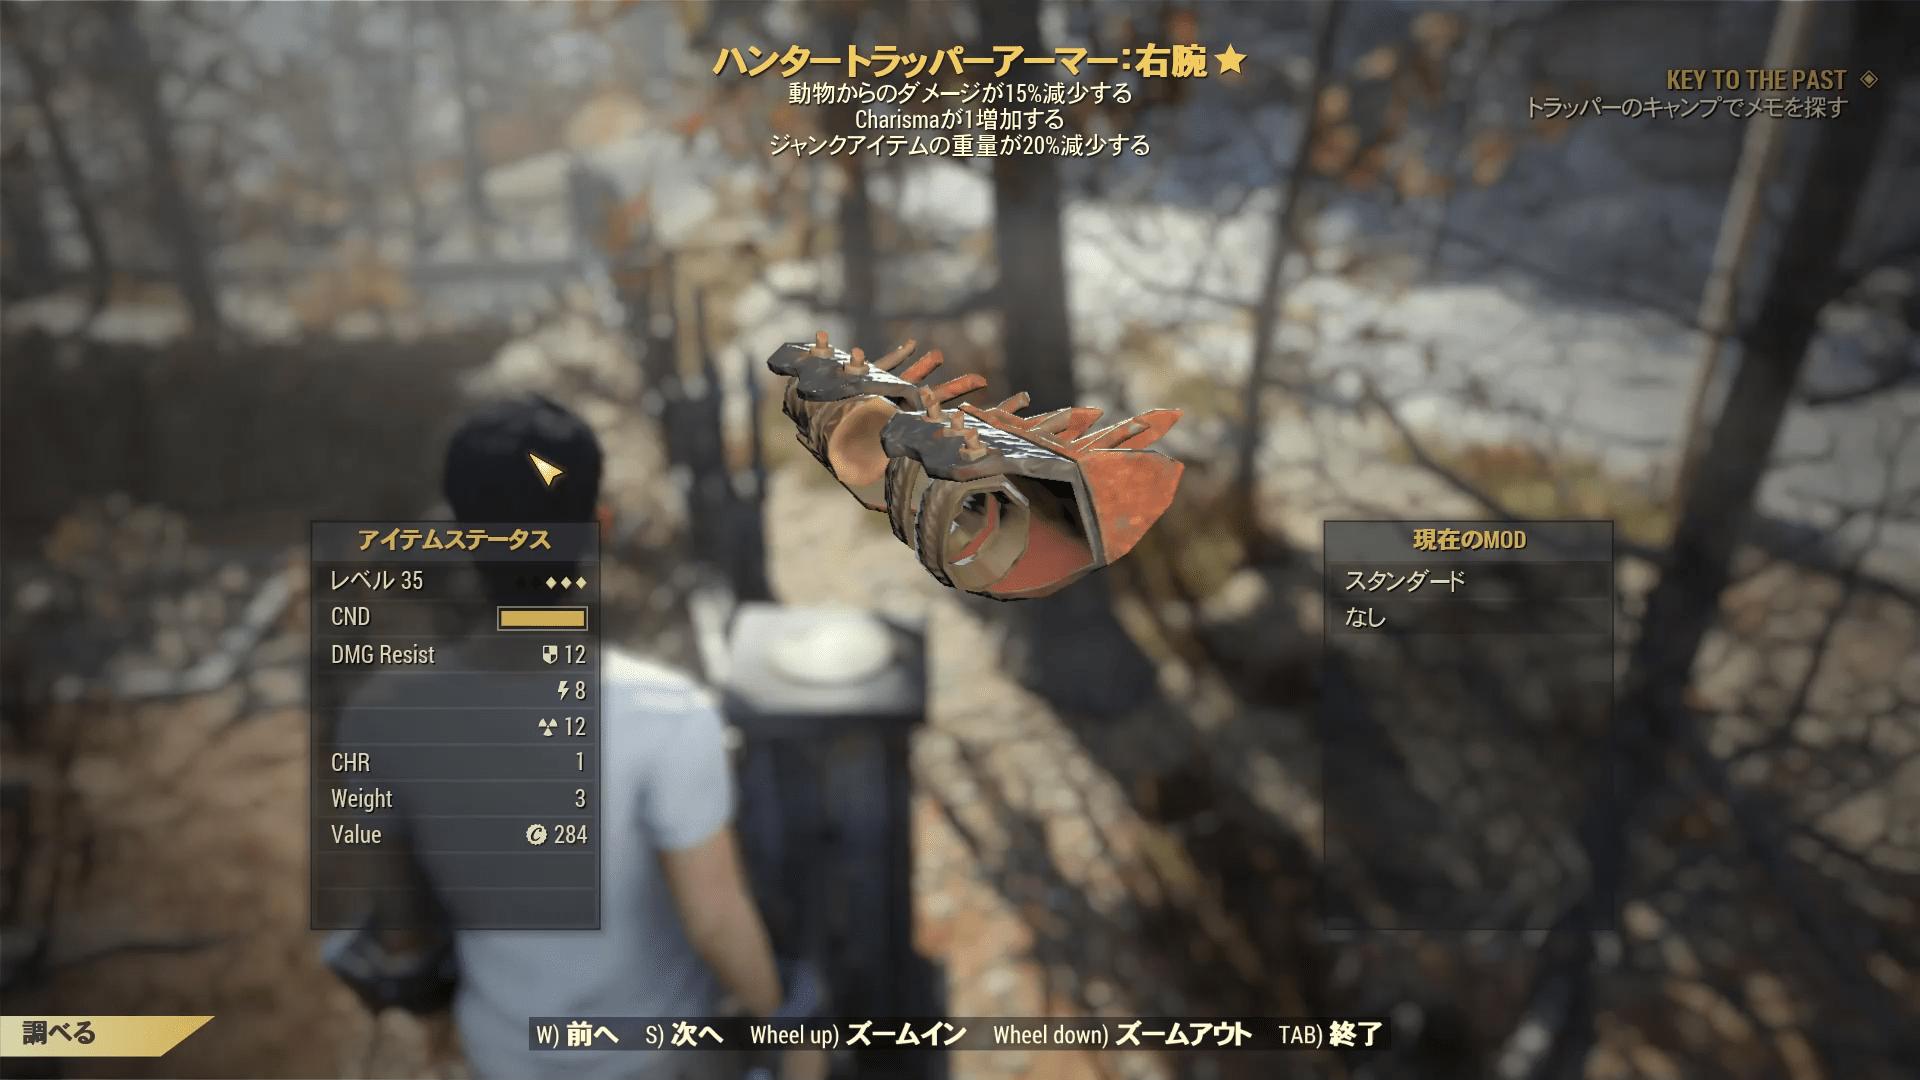 映画 テレビ 2019_01_06 0_53_15-min